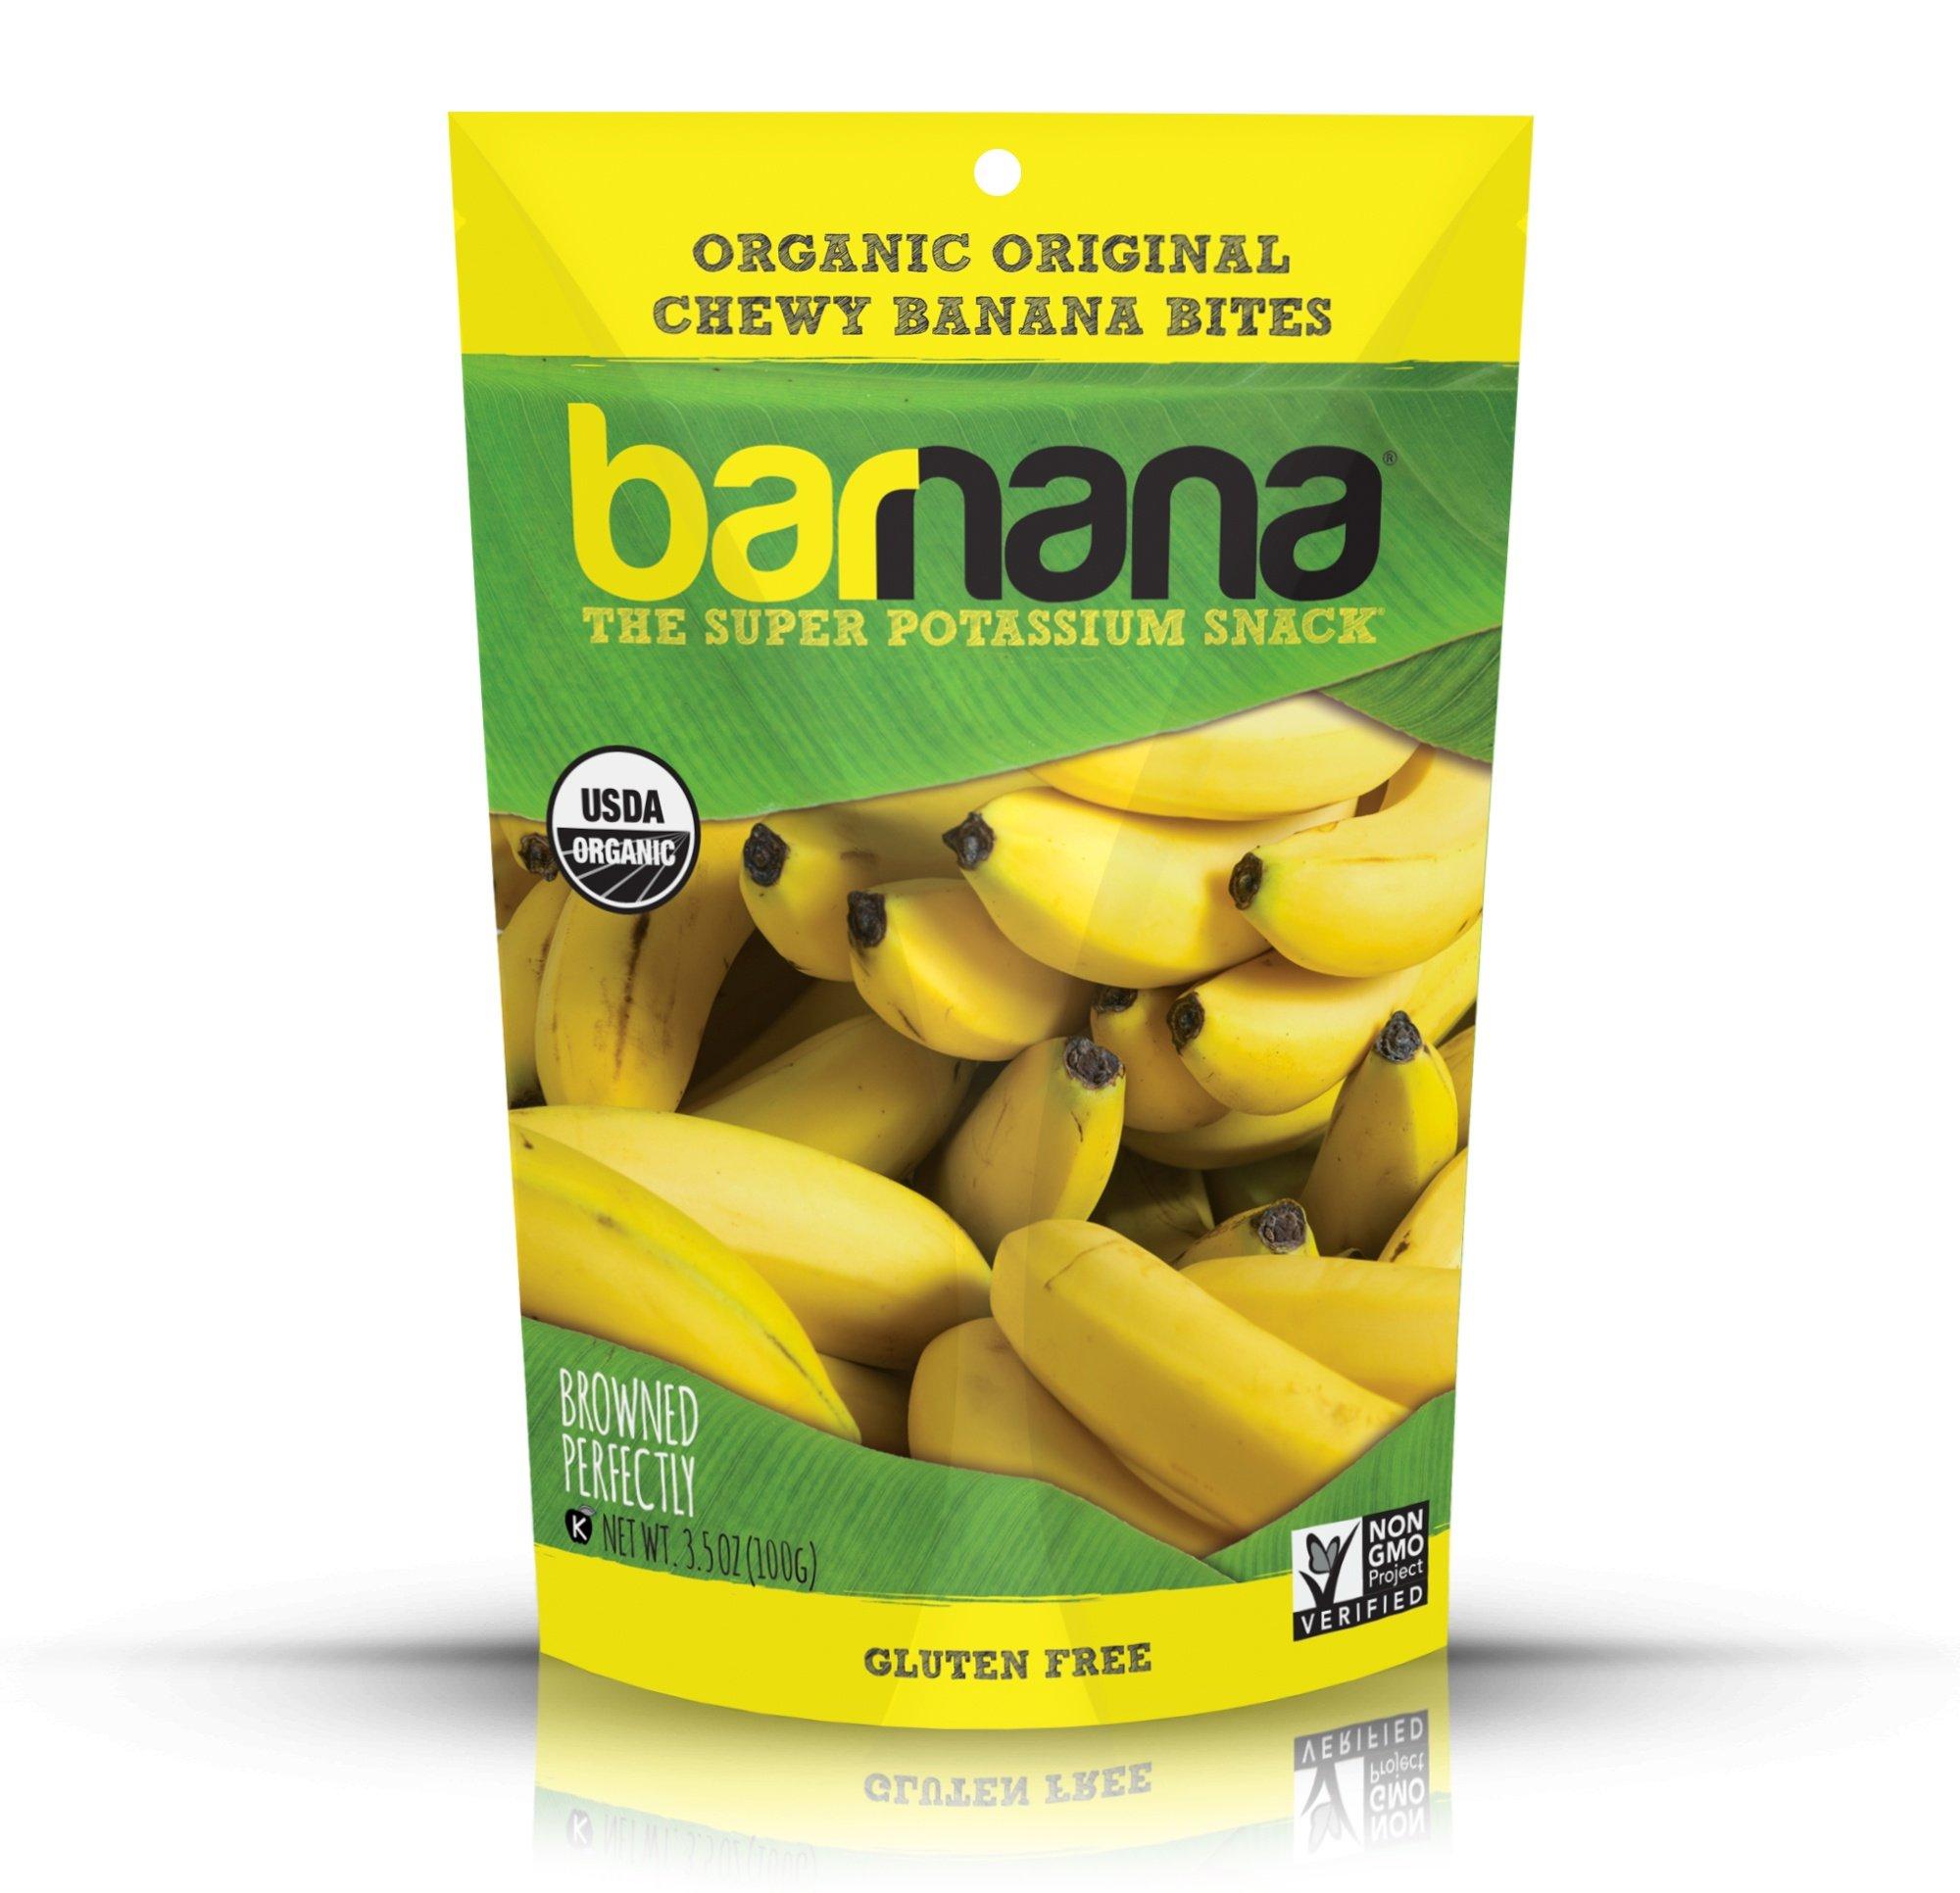 snacks organic original 1 - Une collation à base de bananes bio et recyclées